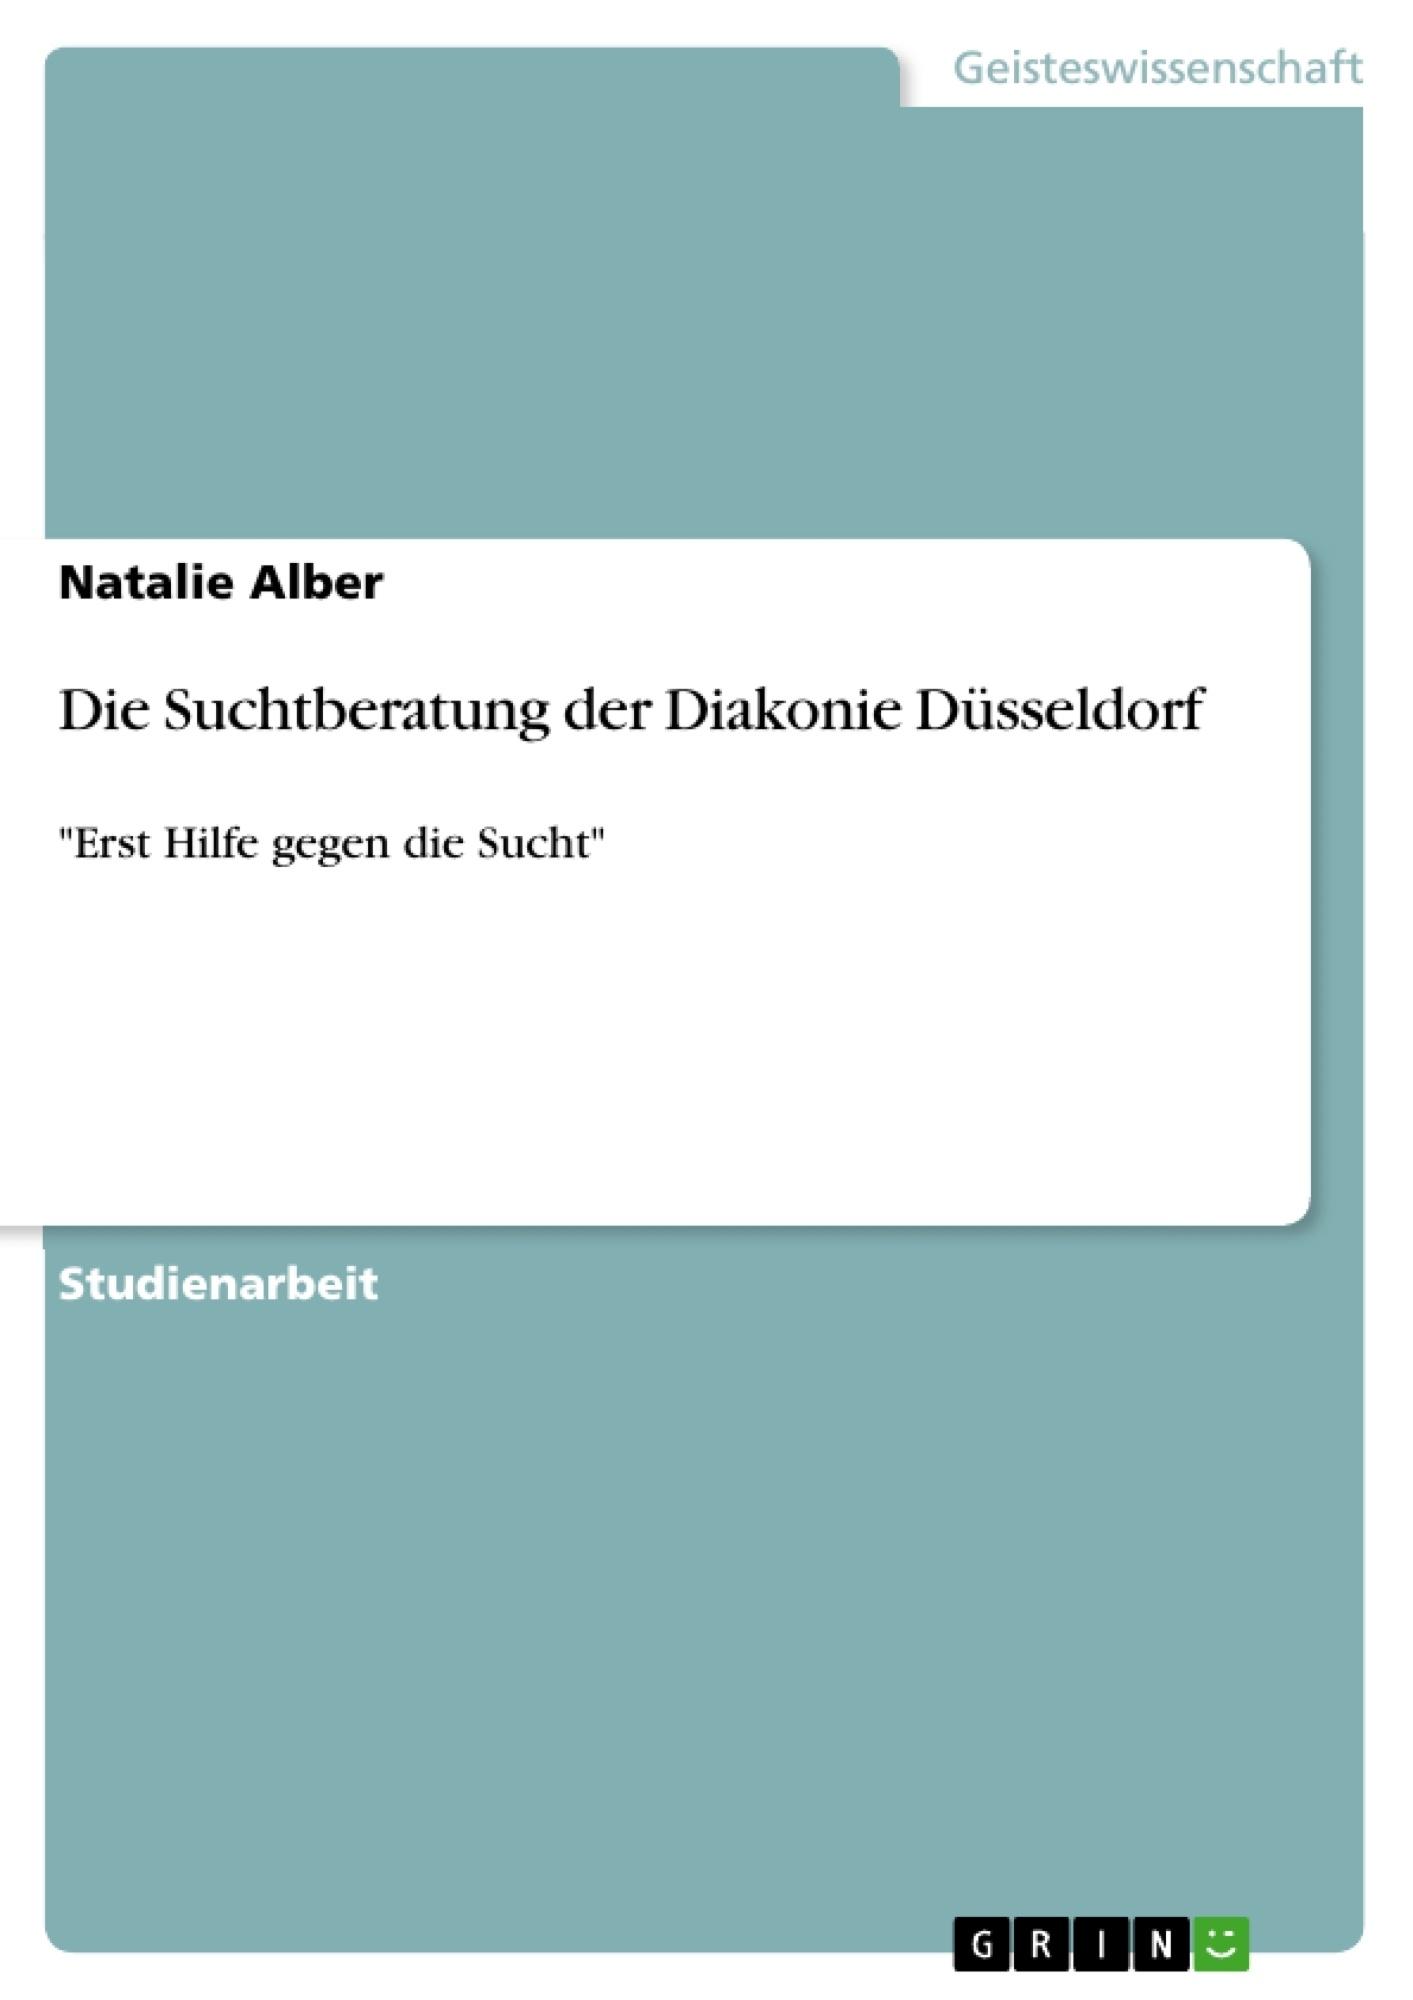 Titel: Die Suchtberatung der Diakonie Düsseldorf